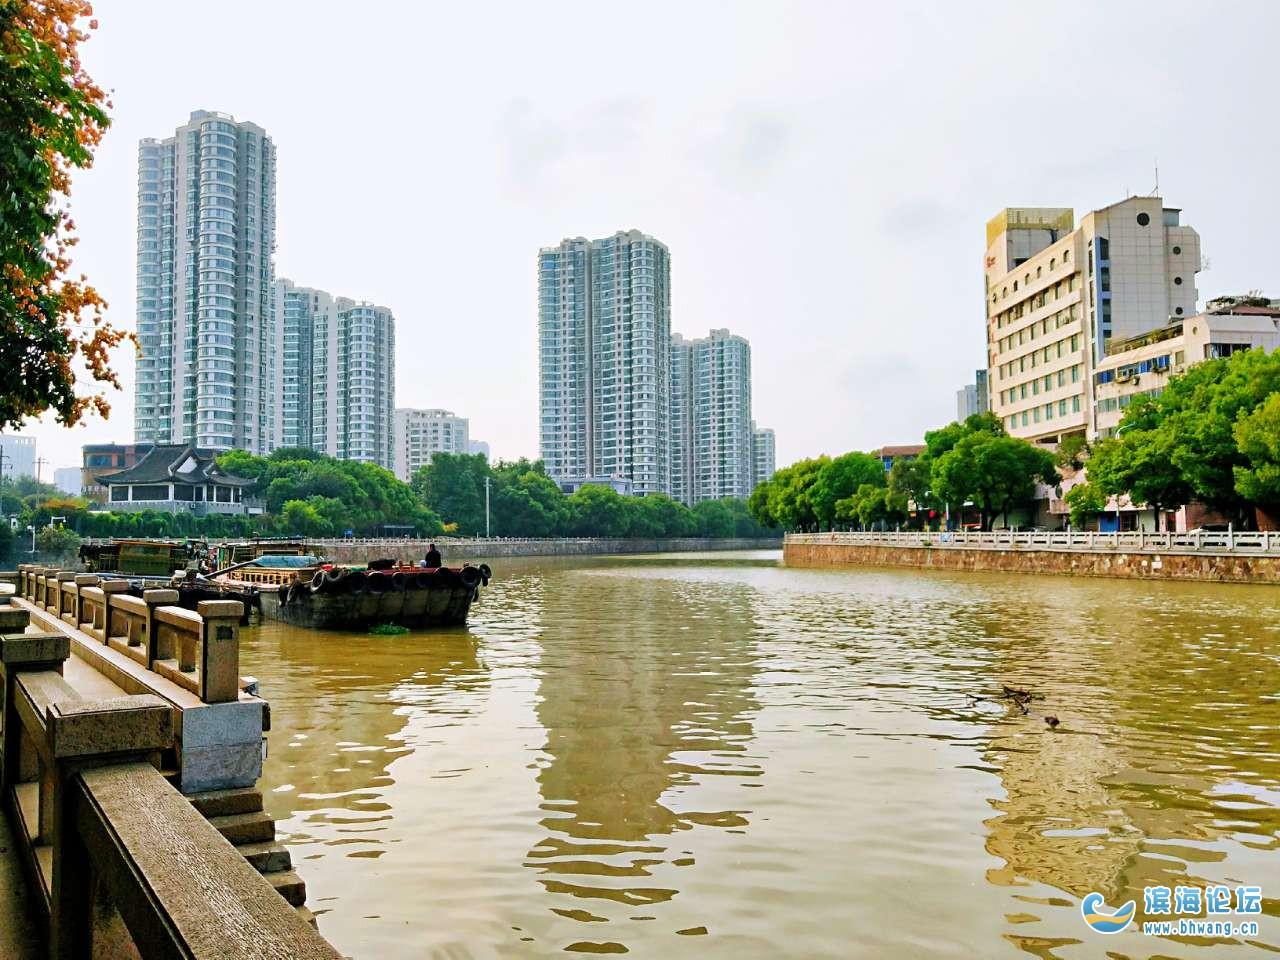 運河風光 ——江蘇常州城區段